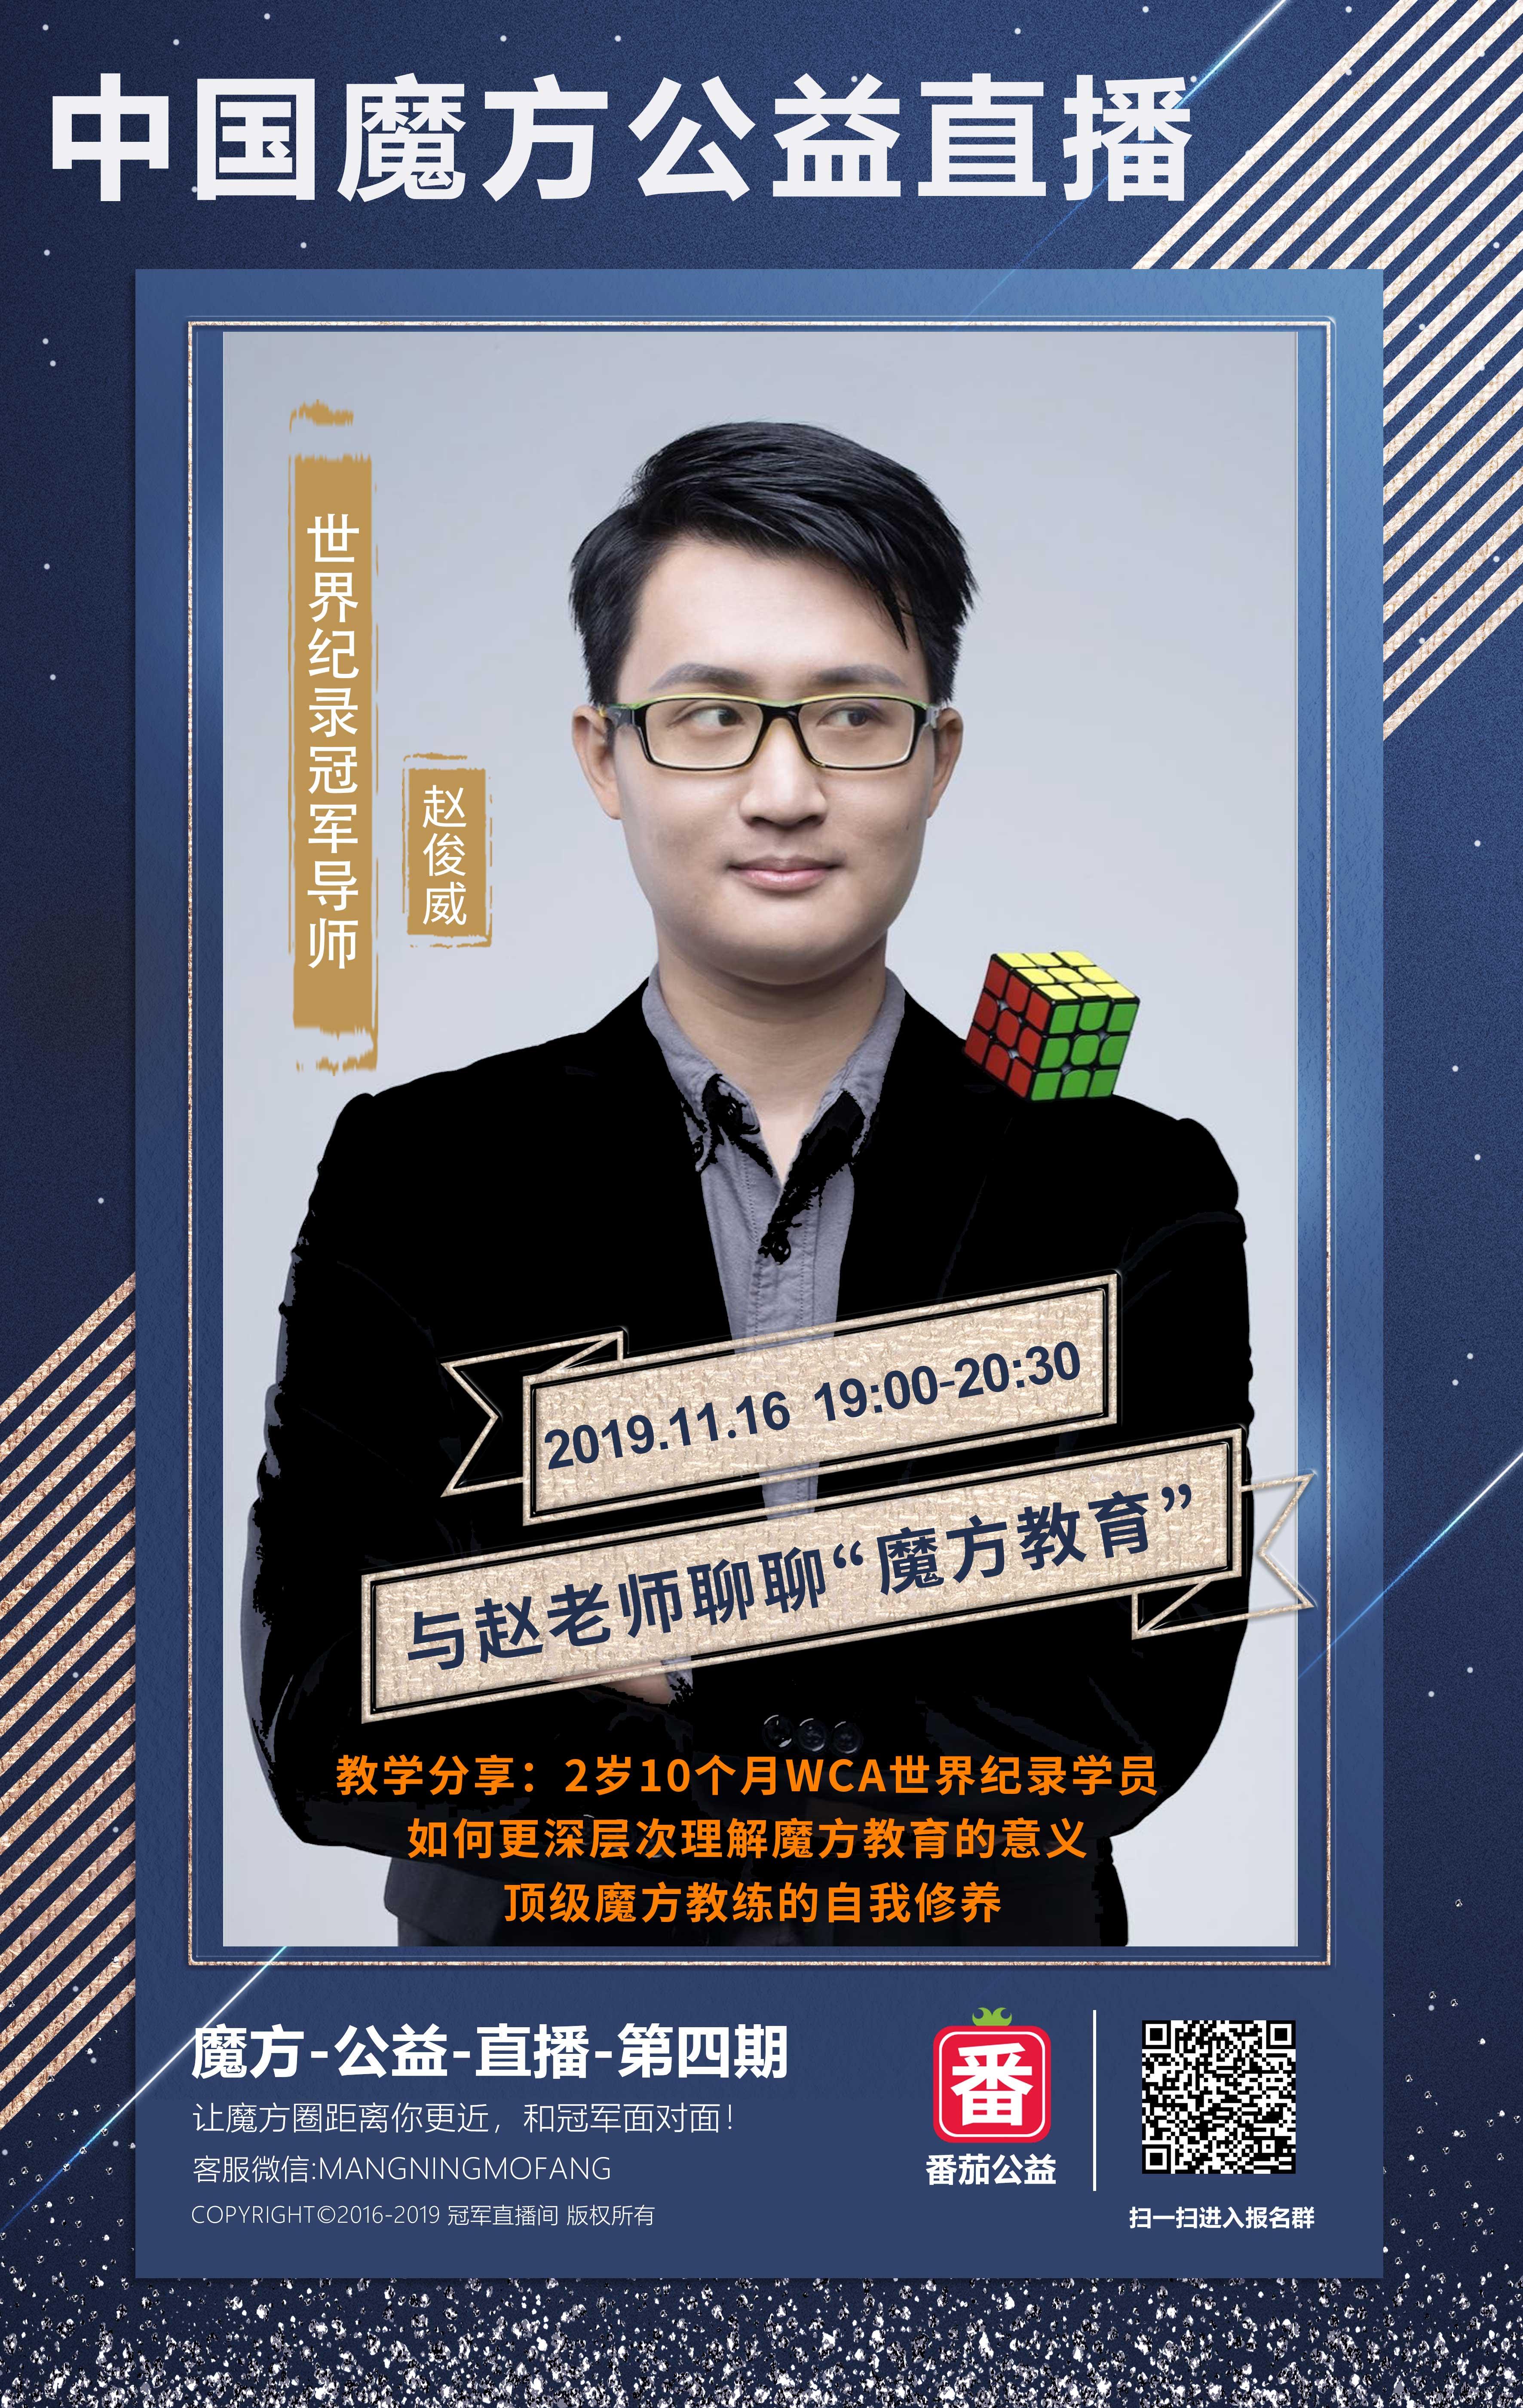 """《冠军直播间》第四期——赵老师与您聊聊""""魔方教育"""""""